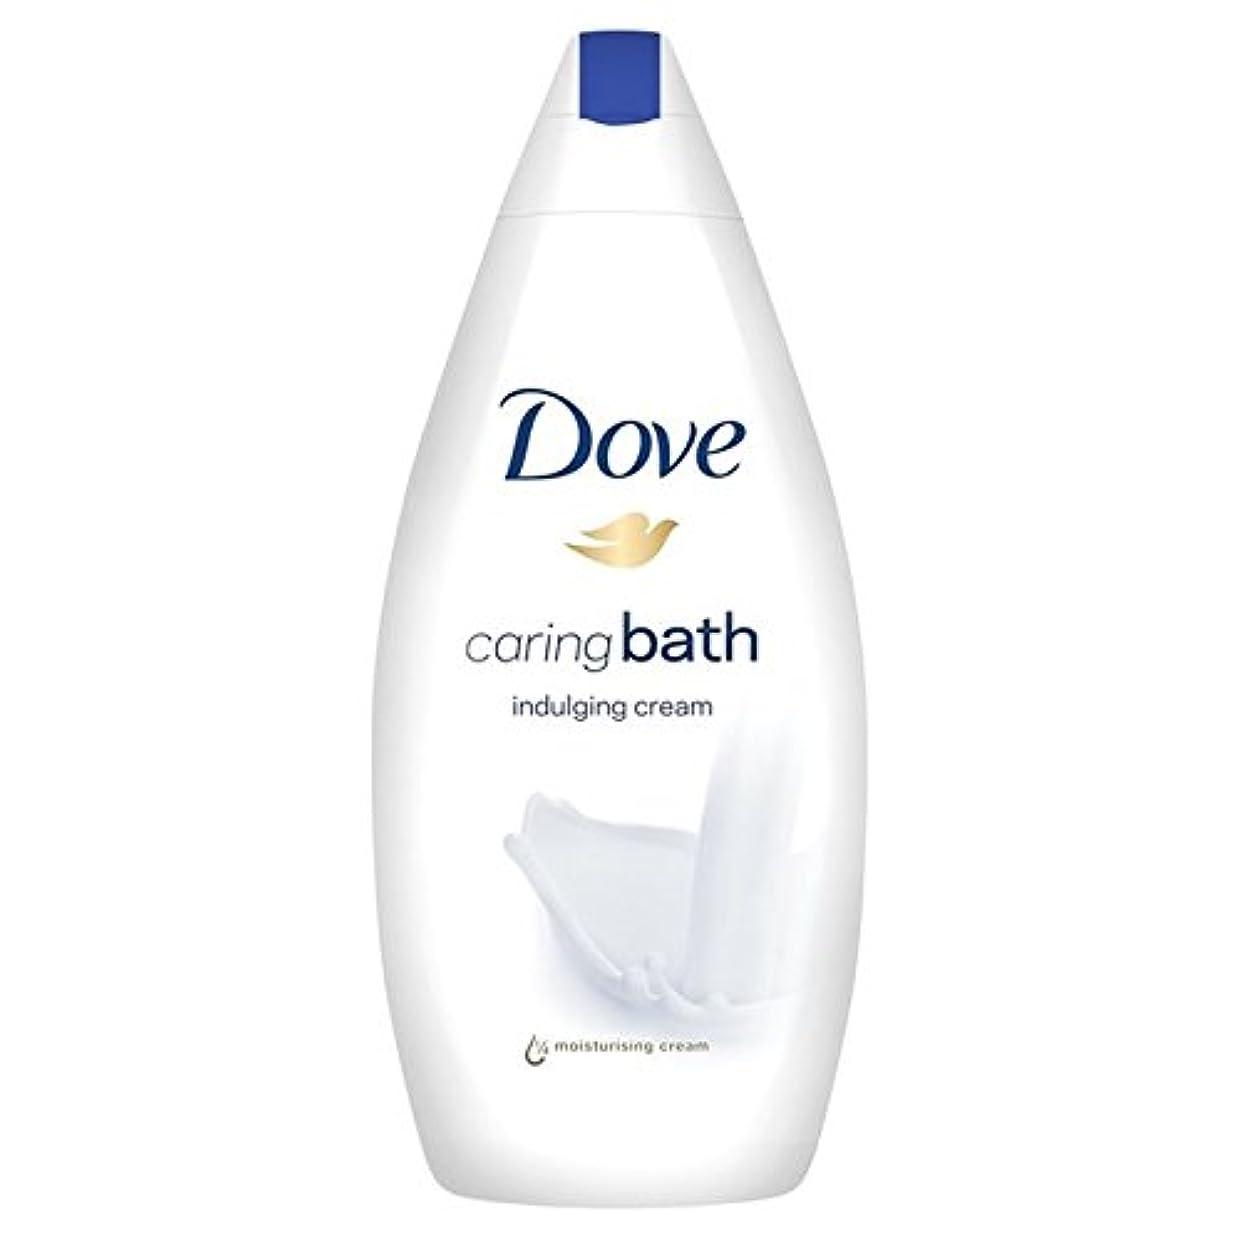 優雅なブロックするライオンDove Indulging Caring Bath 500ml - 思いやりのバス500ミリリットルをふける鳩 [並行輸入品]